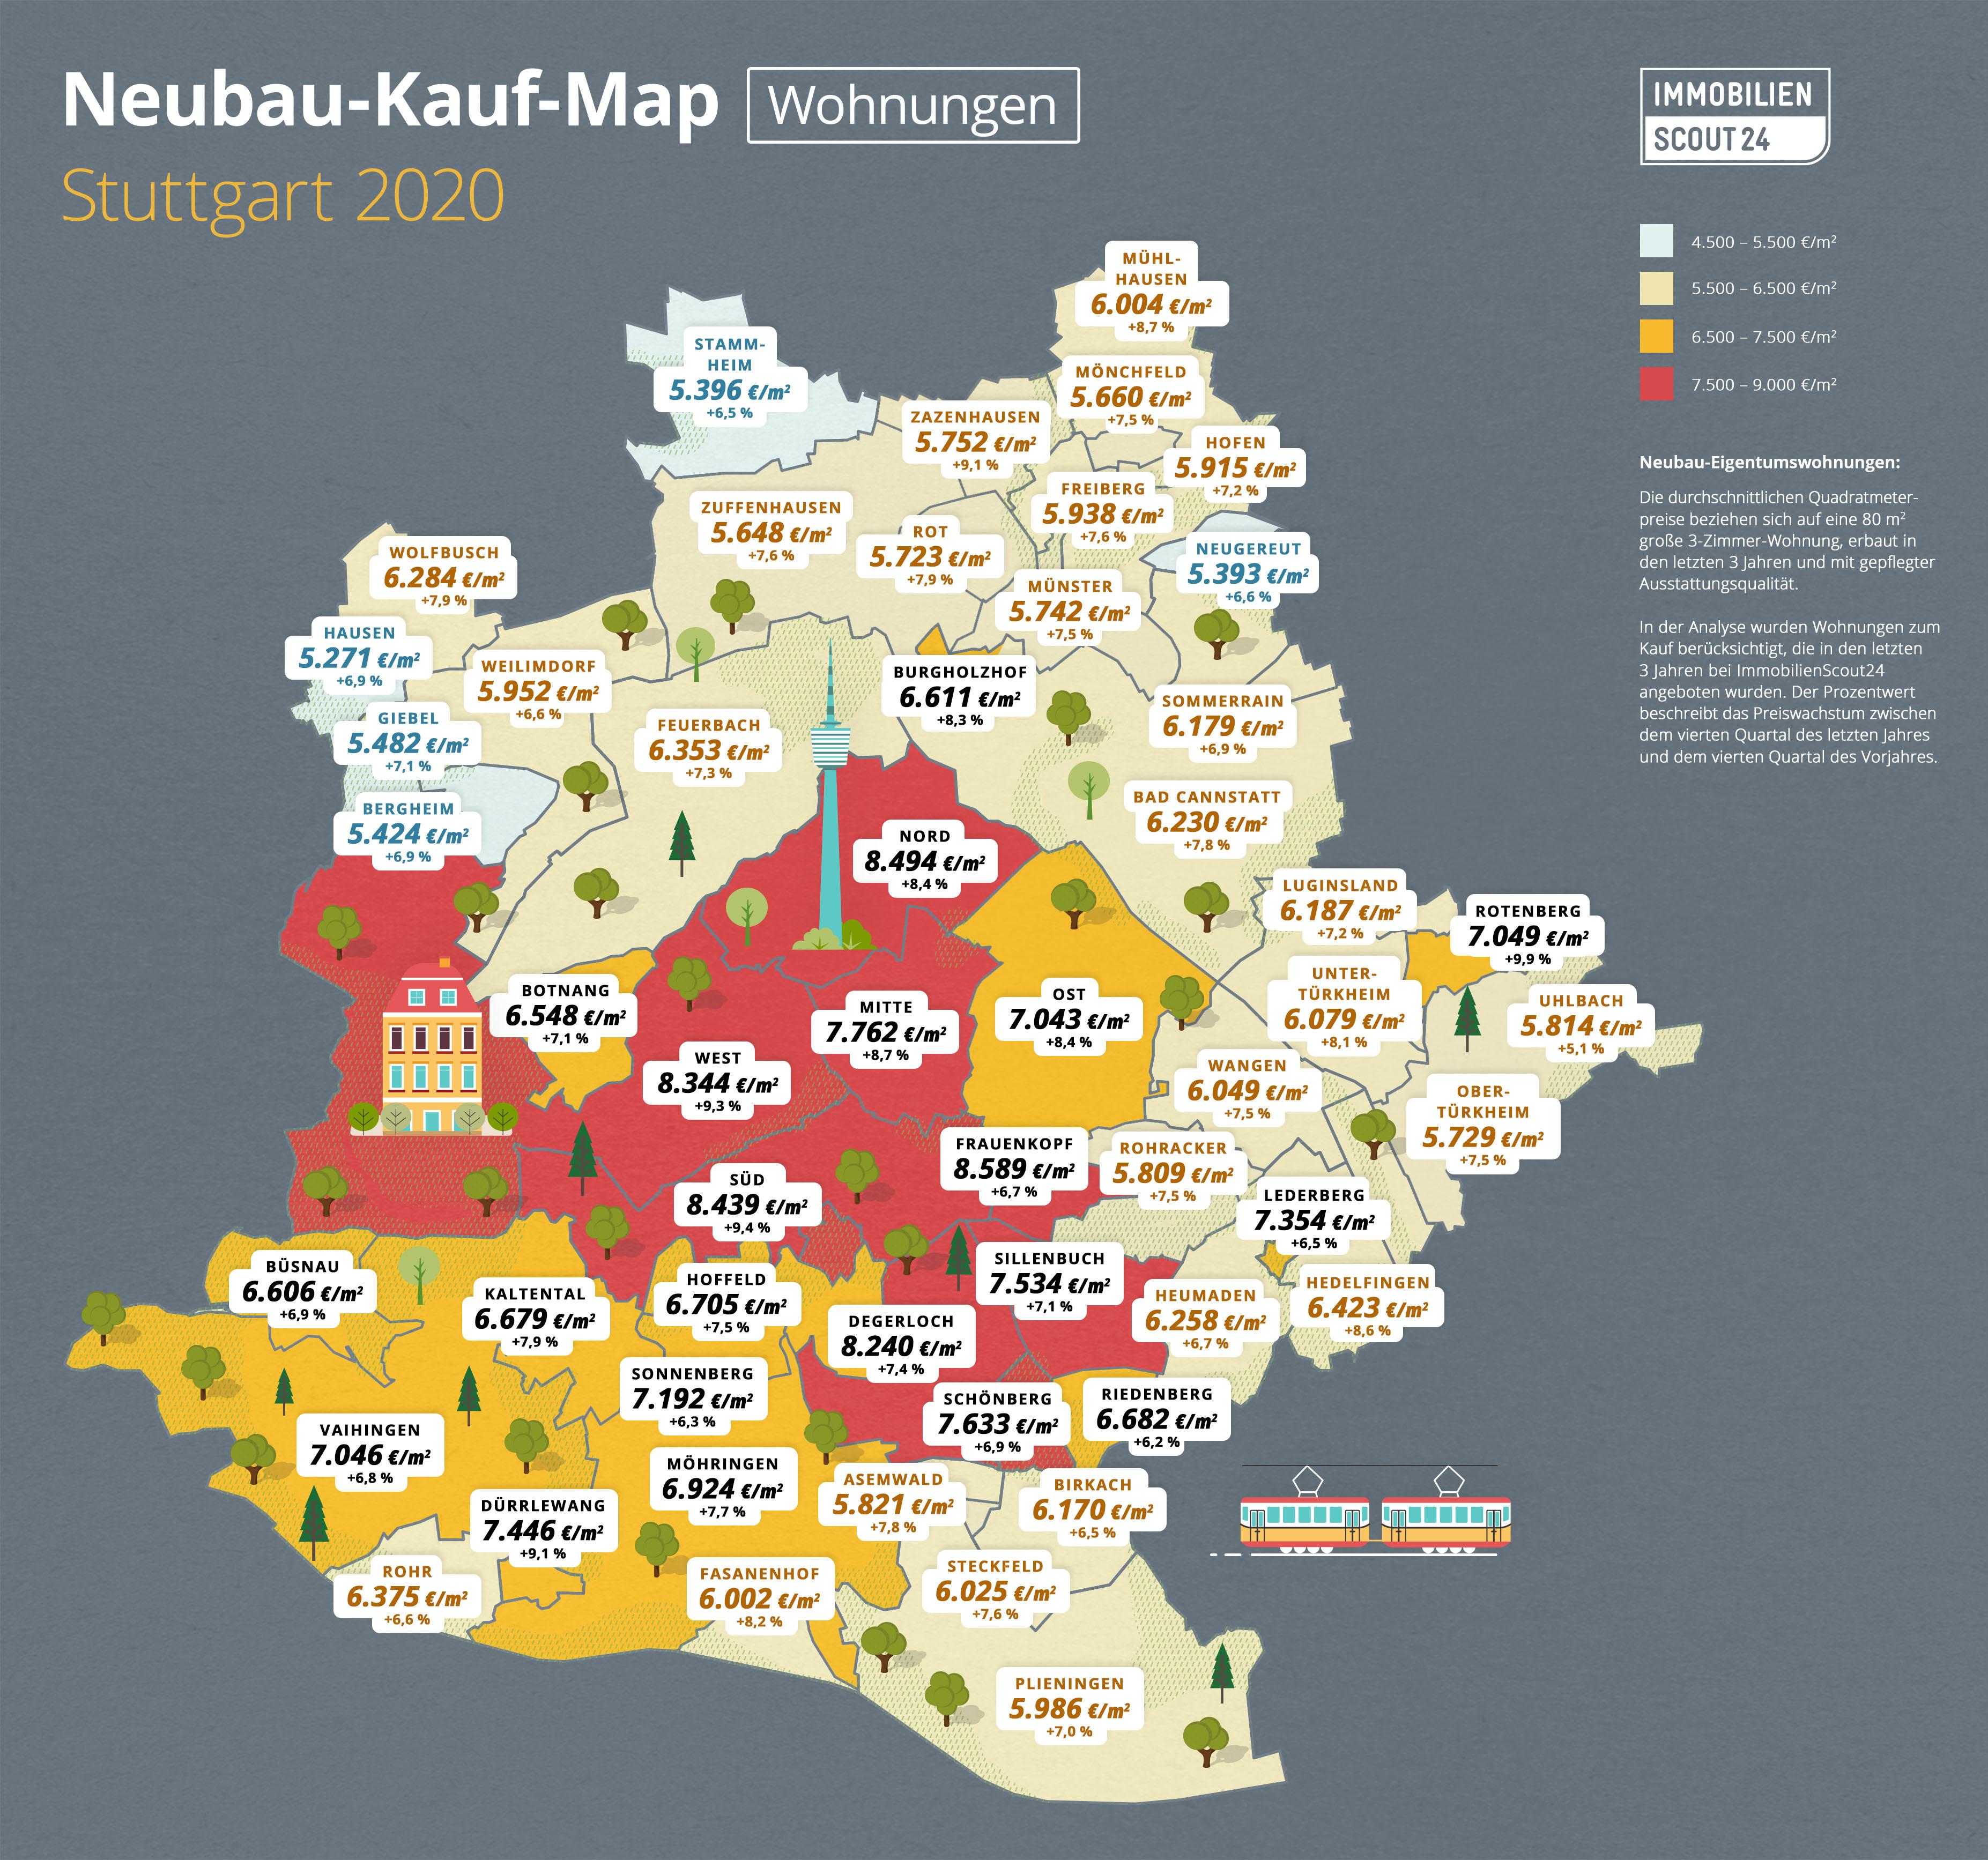 Wohnungspreise In Stuttgart Preisentwicklung 2020